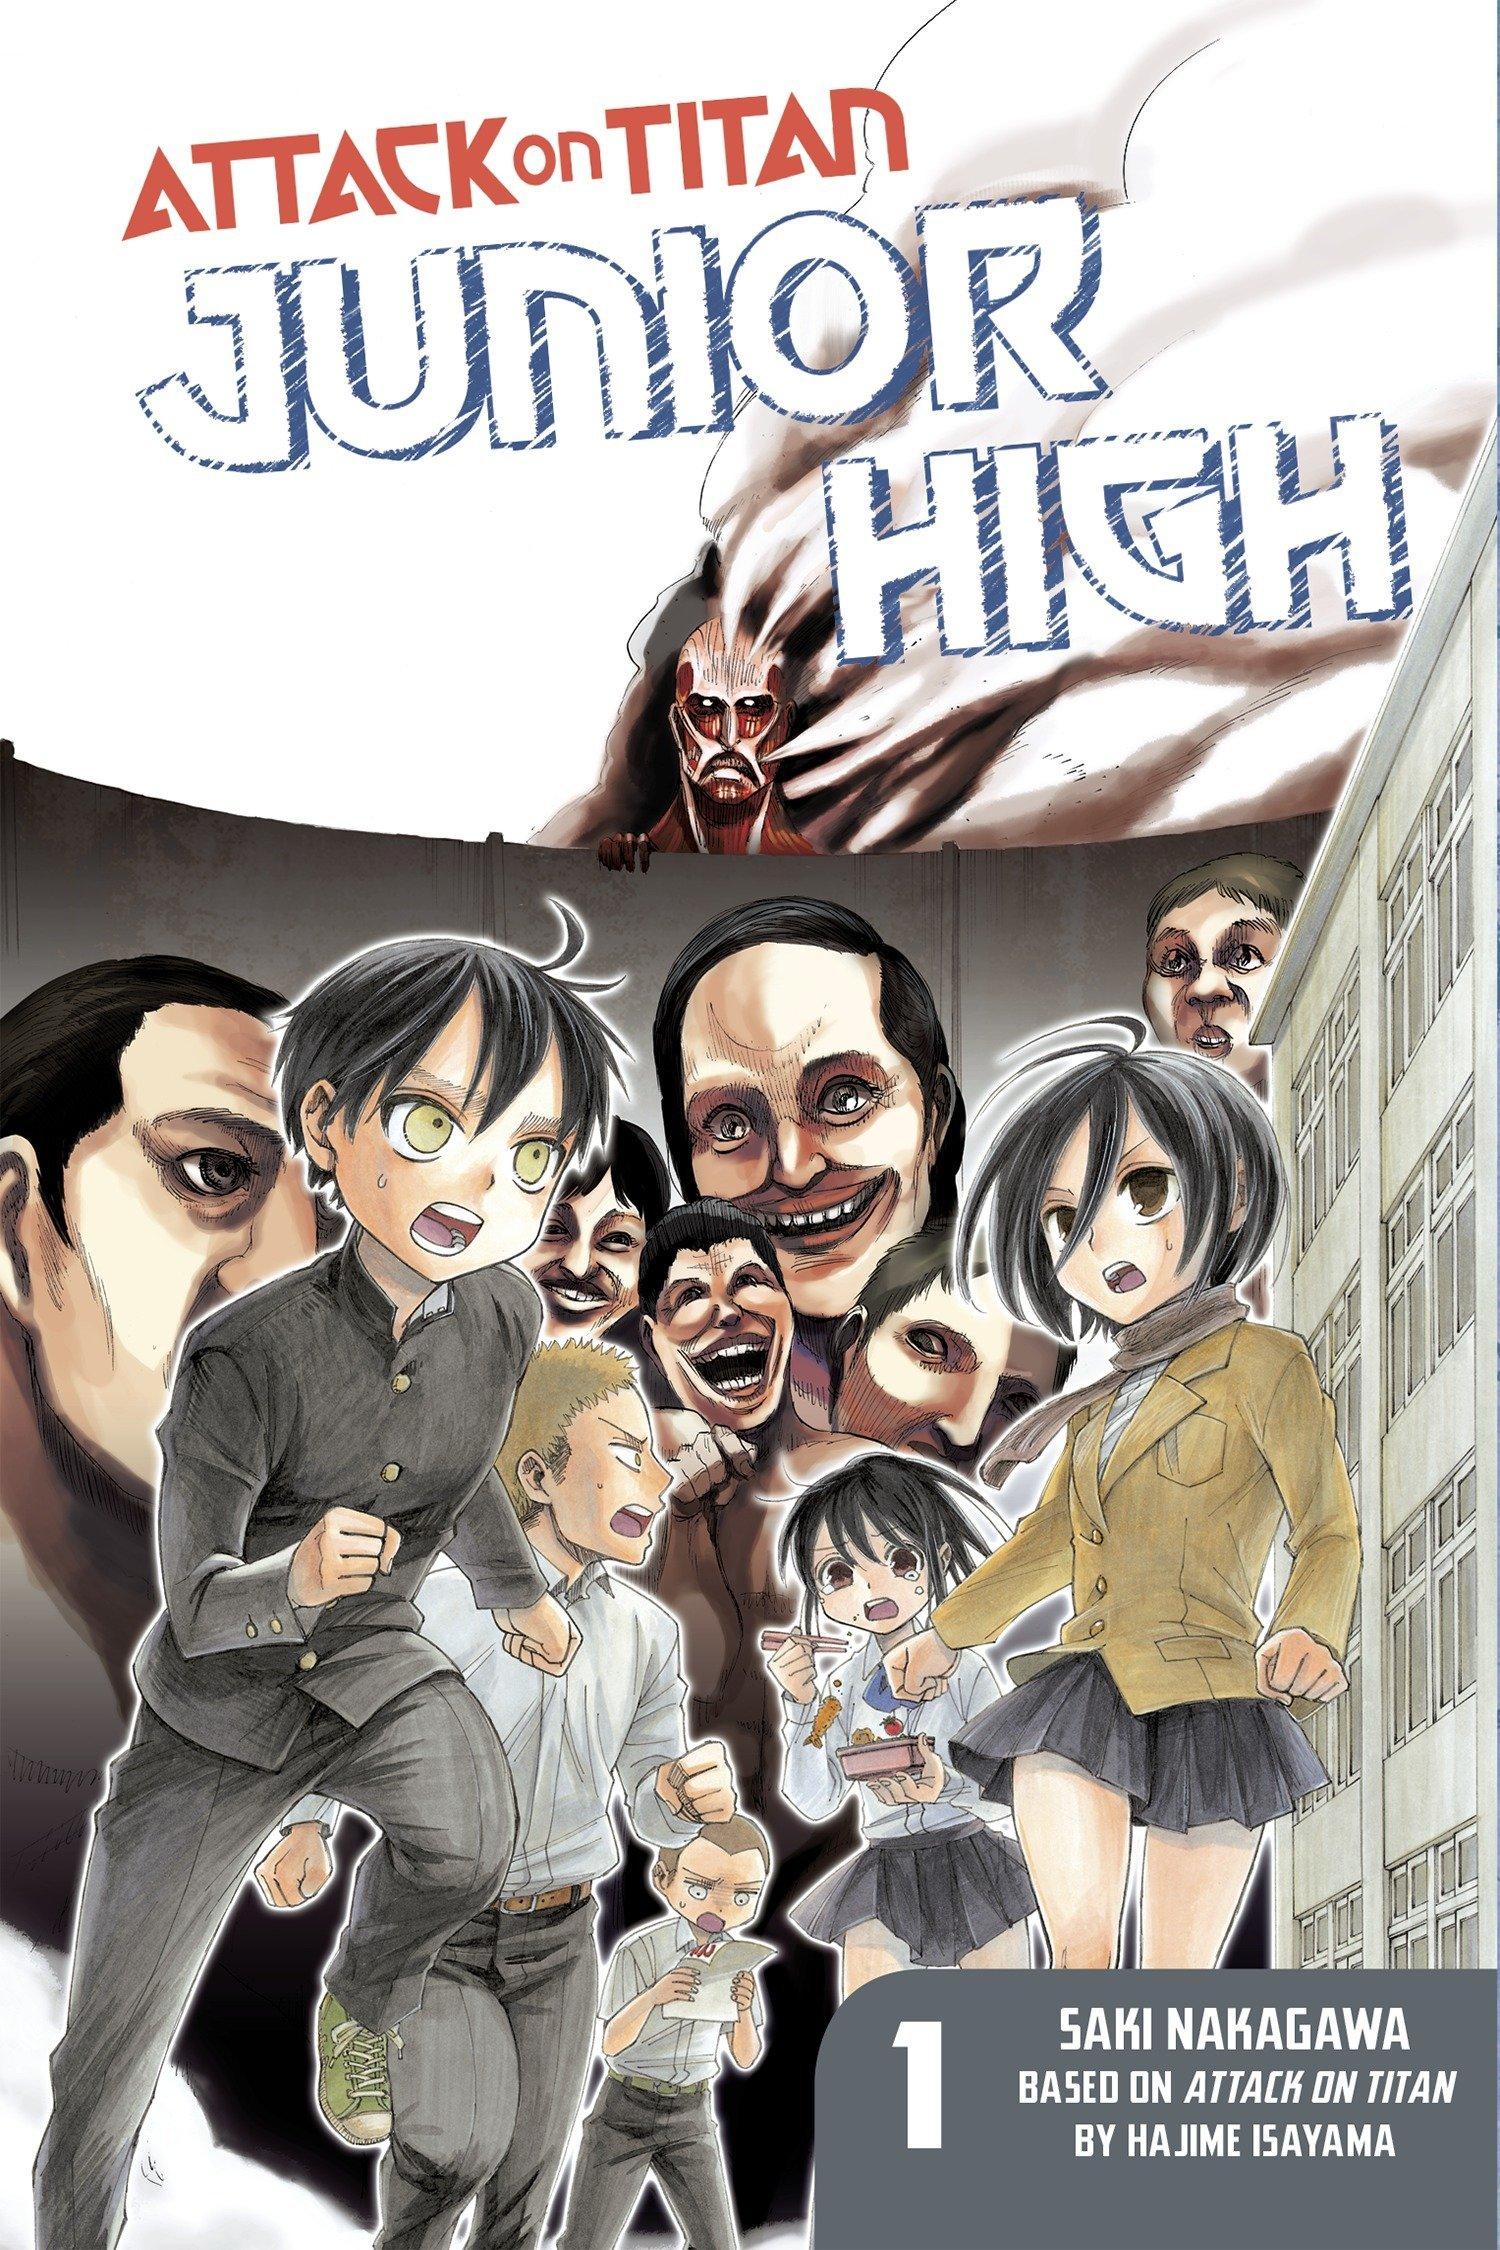 Amazon.com: Attack on Titan: Junior High 1 (9781612629162): Saki Nakagawa,  Hajime Isayama: Books